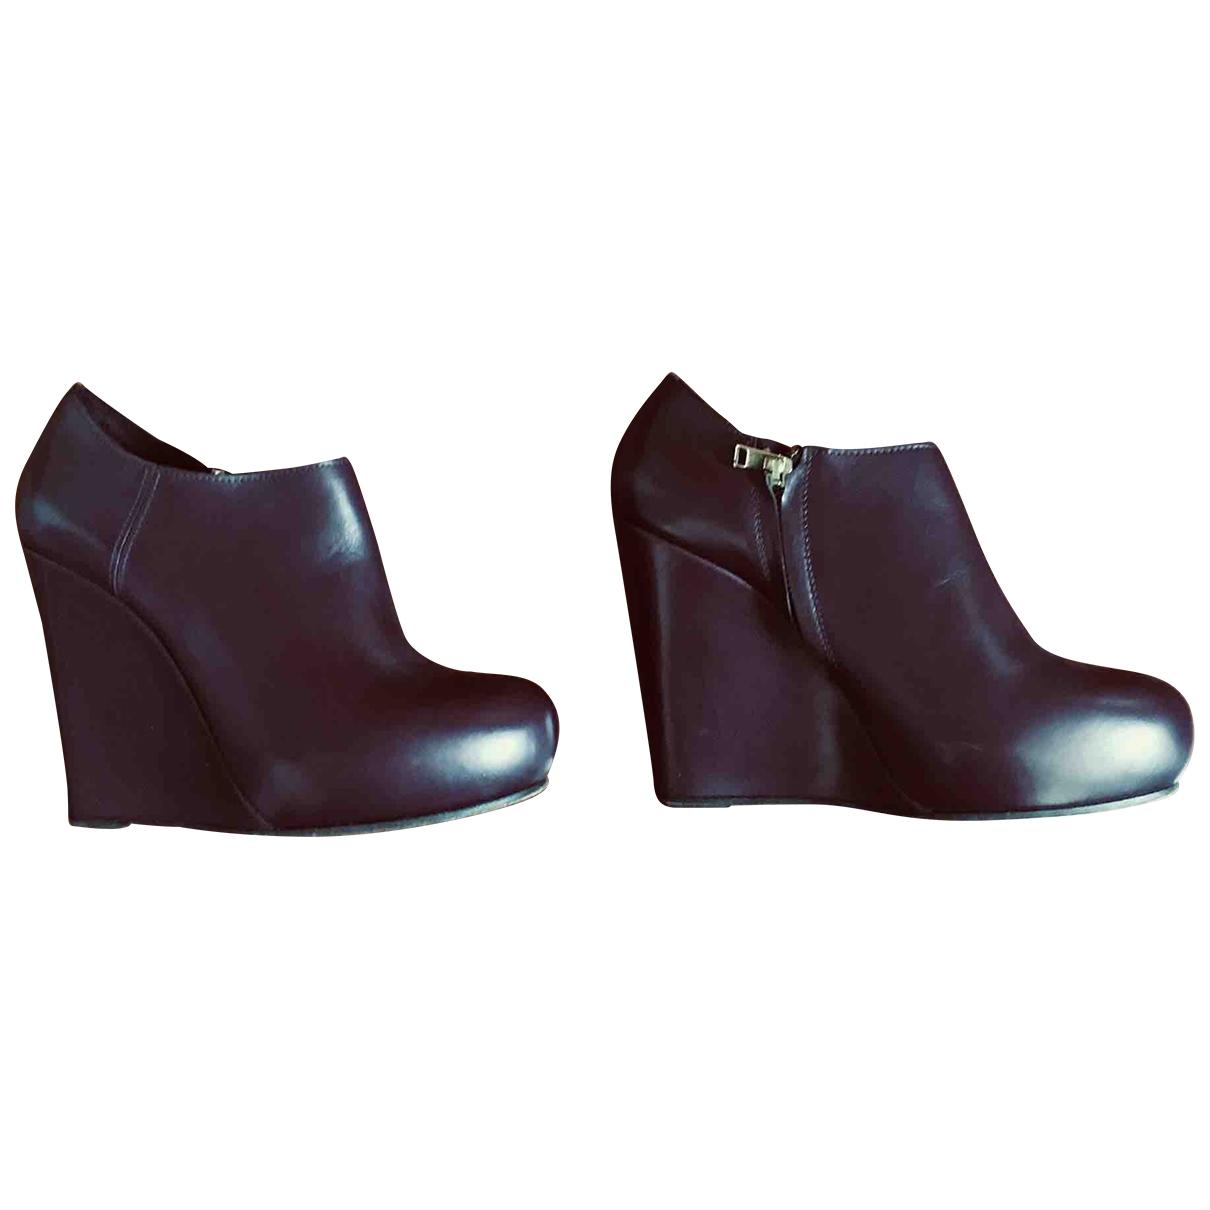 Marni - Boots   pour femme en cuir - bordeaux